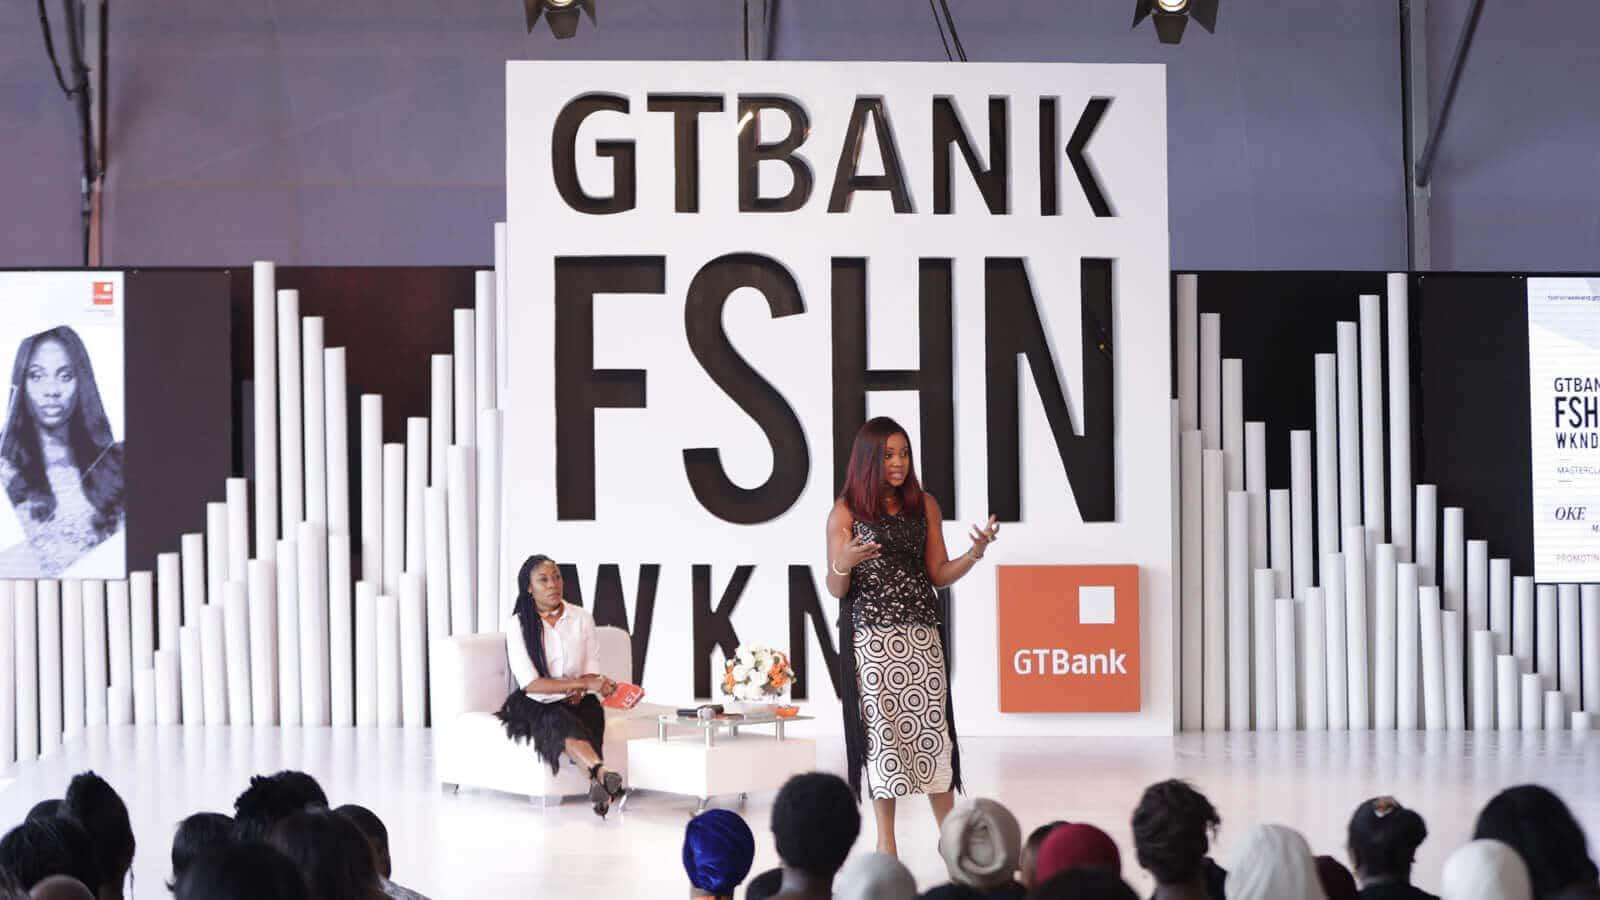 gtbank fashion weekend 2019: o maior evento de moda africano realiza-se nos dias 9 e 10 de novembro - gtbank fashion weekend 2018 - GTBank Fashion Weekend 2019: O Maior Evento de Moda Africano Realiza-se nos Dias 9 e 10 de Novembro